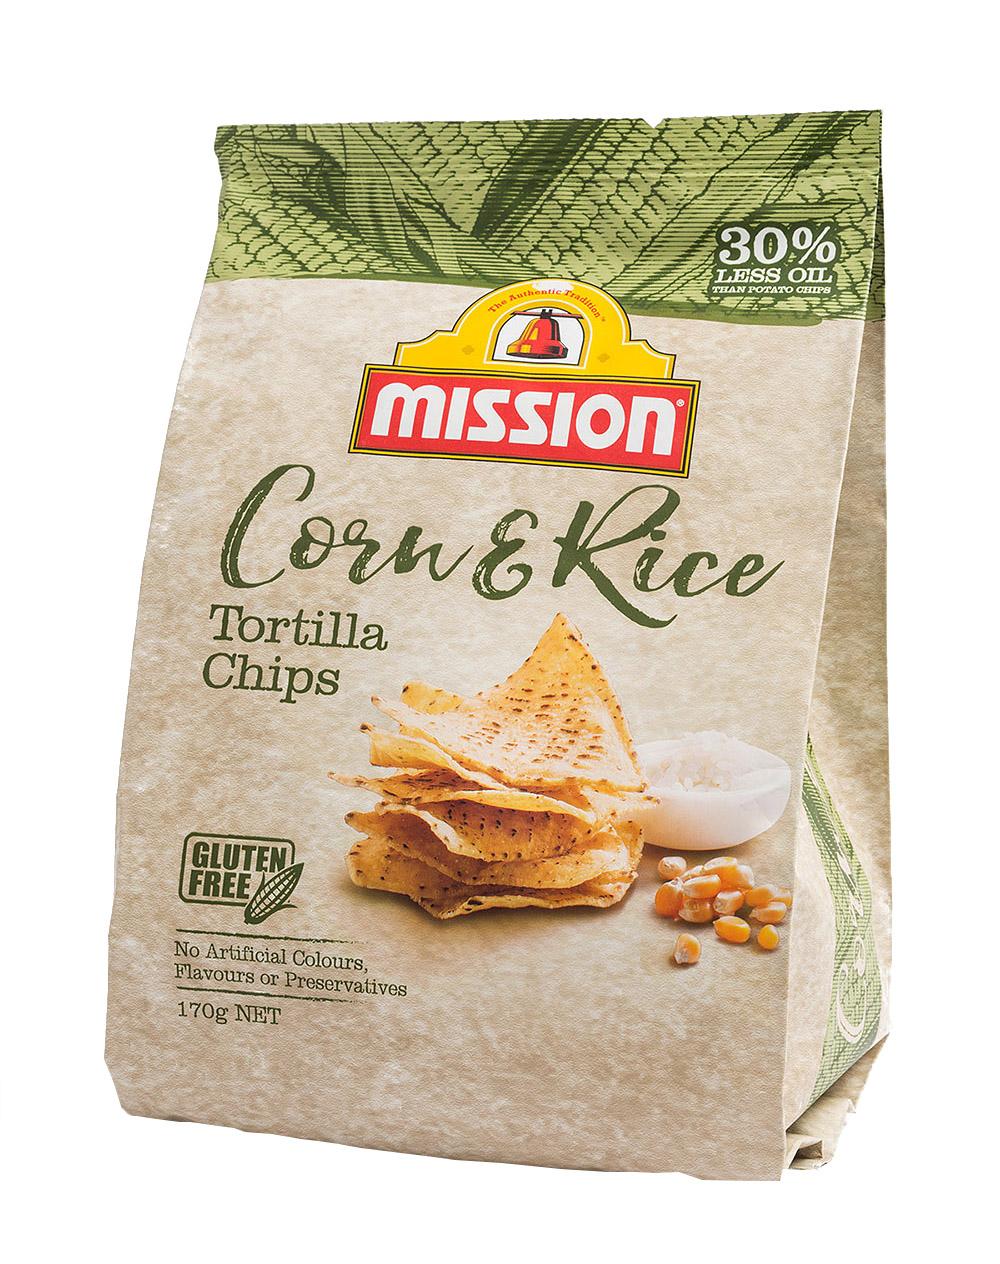 Food-Packaging-2.jpg